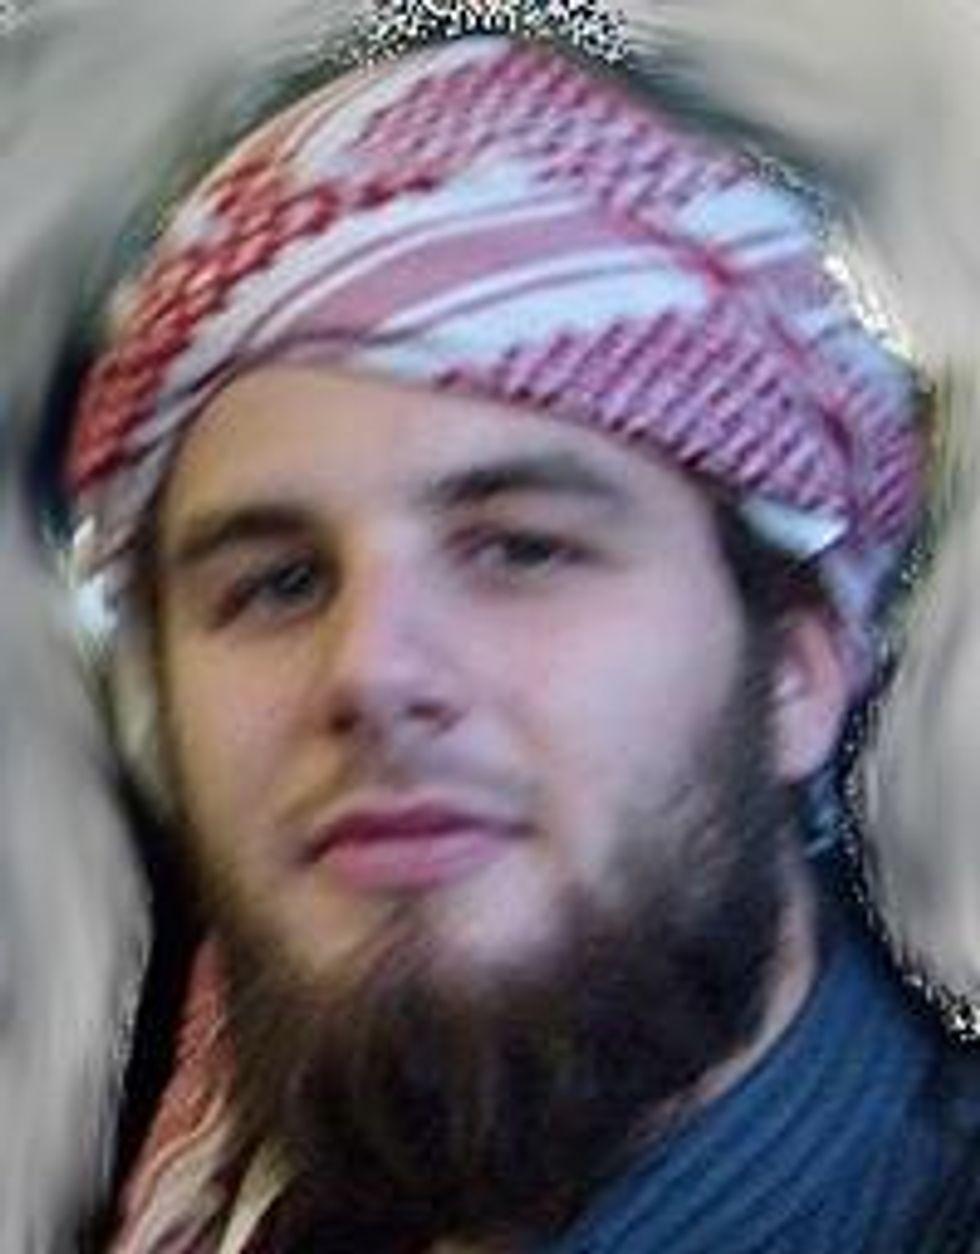 Islamisti all'italiana